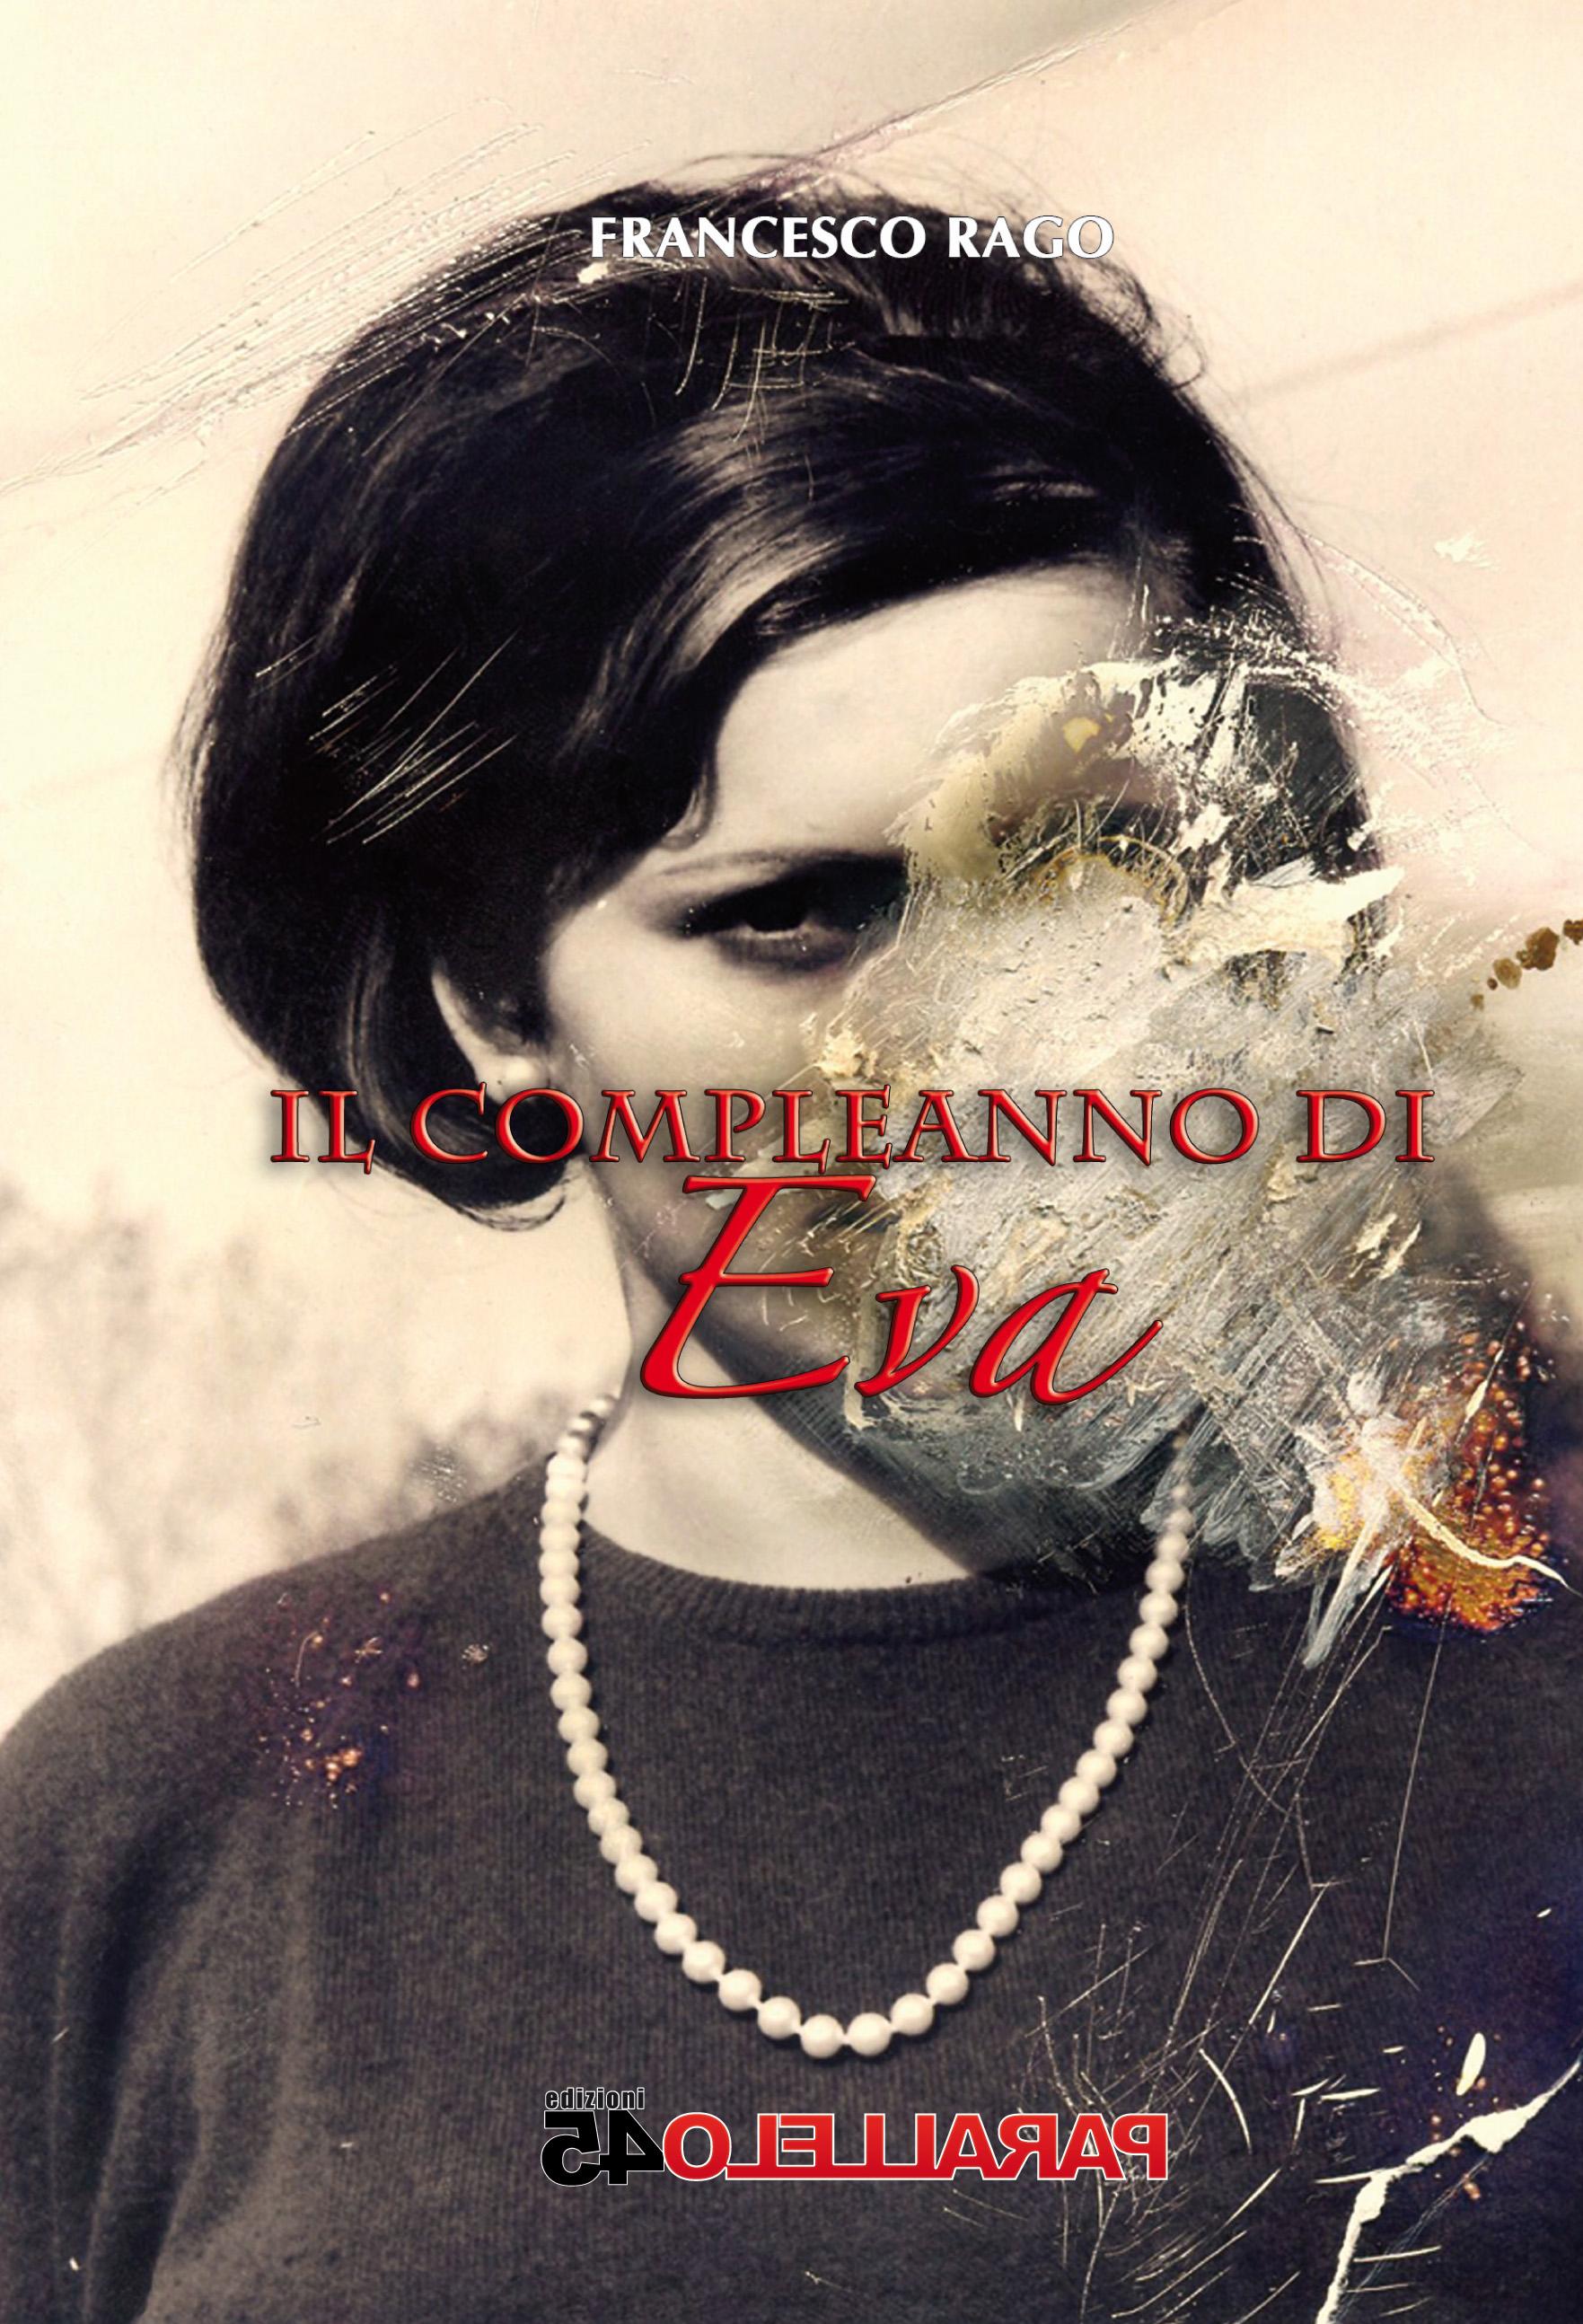 Il compleanno di Eva